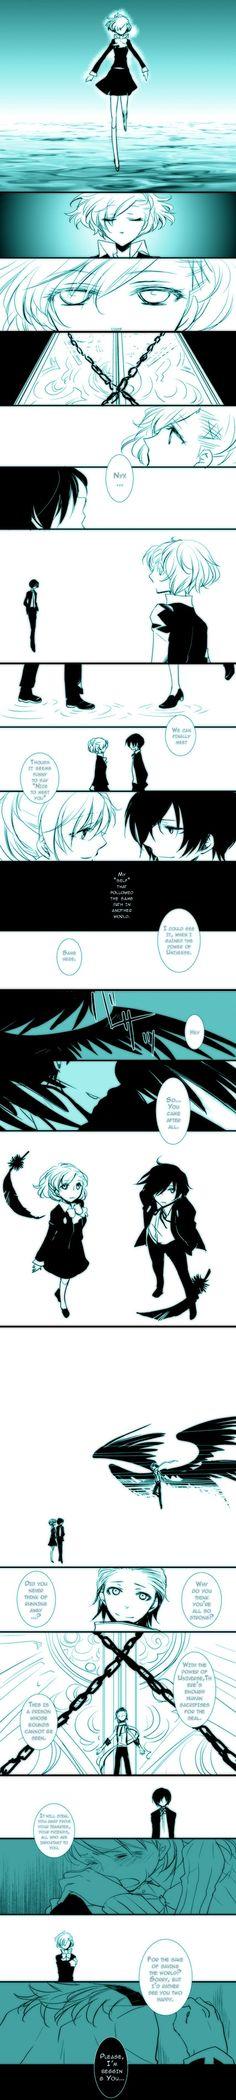 Persona 3 Portable, Yu Narukami, Shin Megami Tensei Persona, Akira Kurusu, Deadman Wonderland, Persona 4, Art Thou, Short Comics, Image Boards